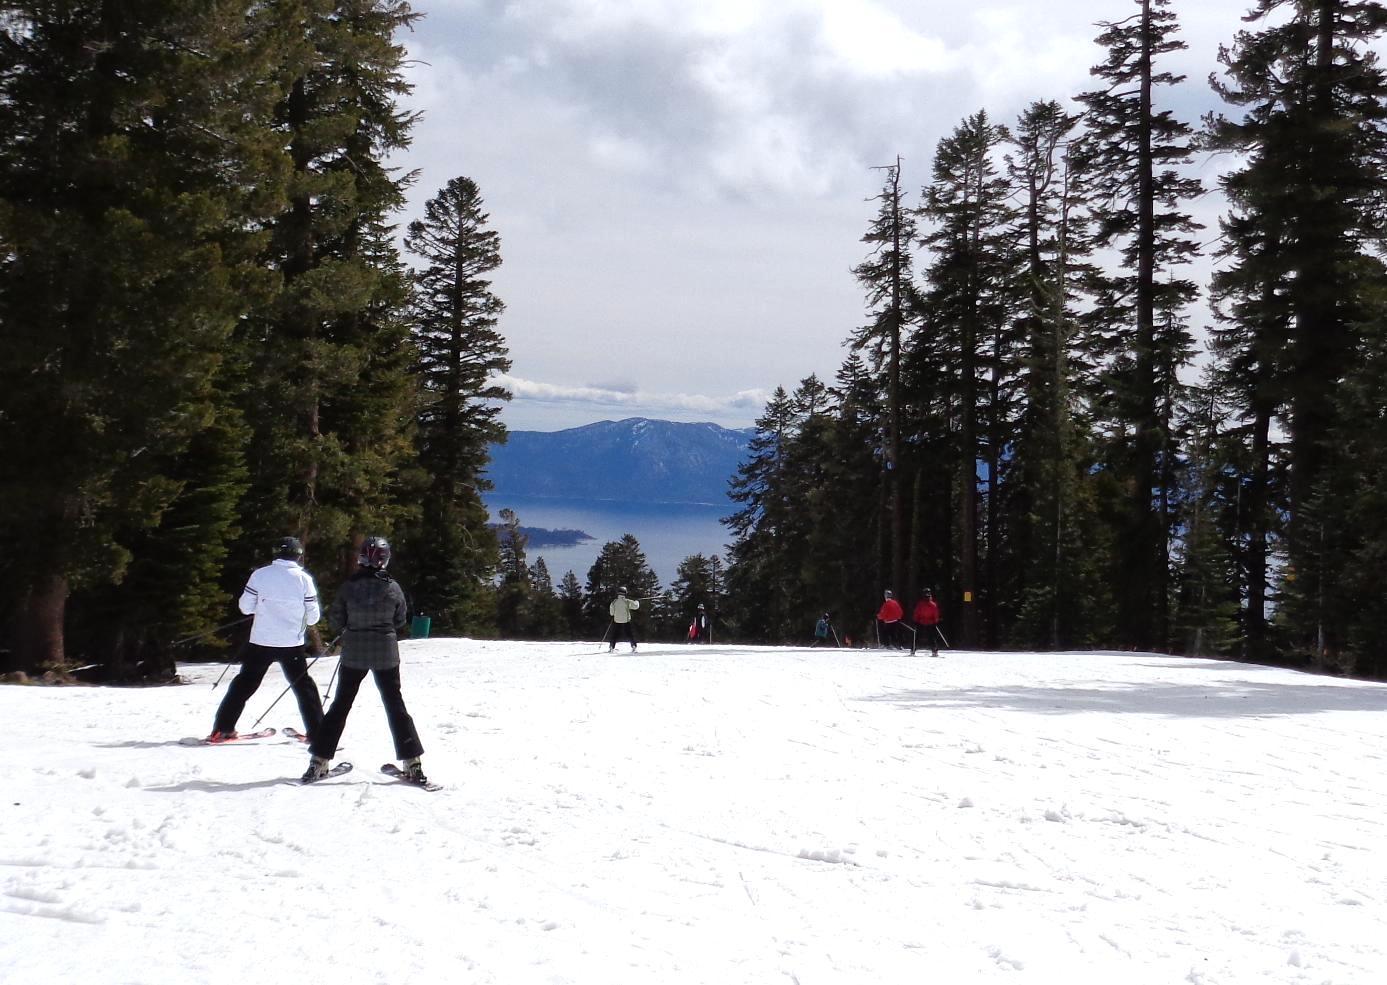 East Ridge and Lake Tahoe